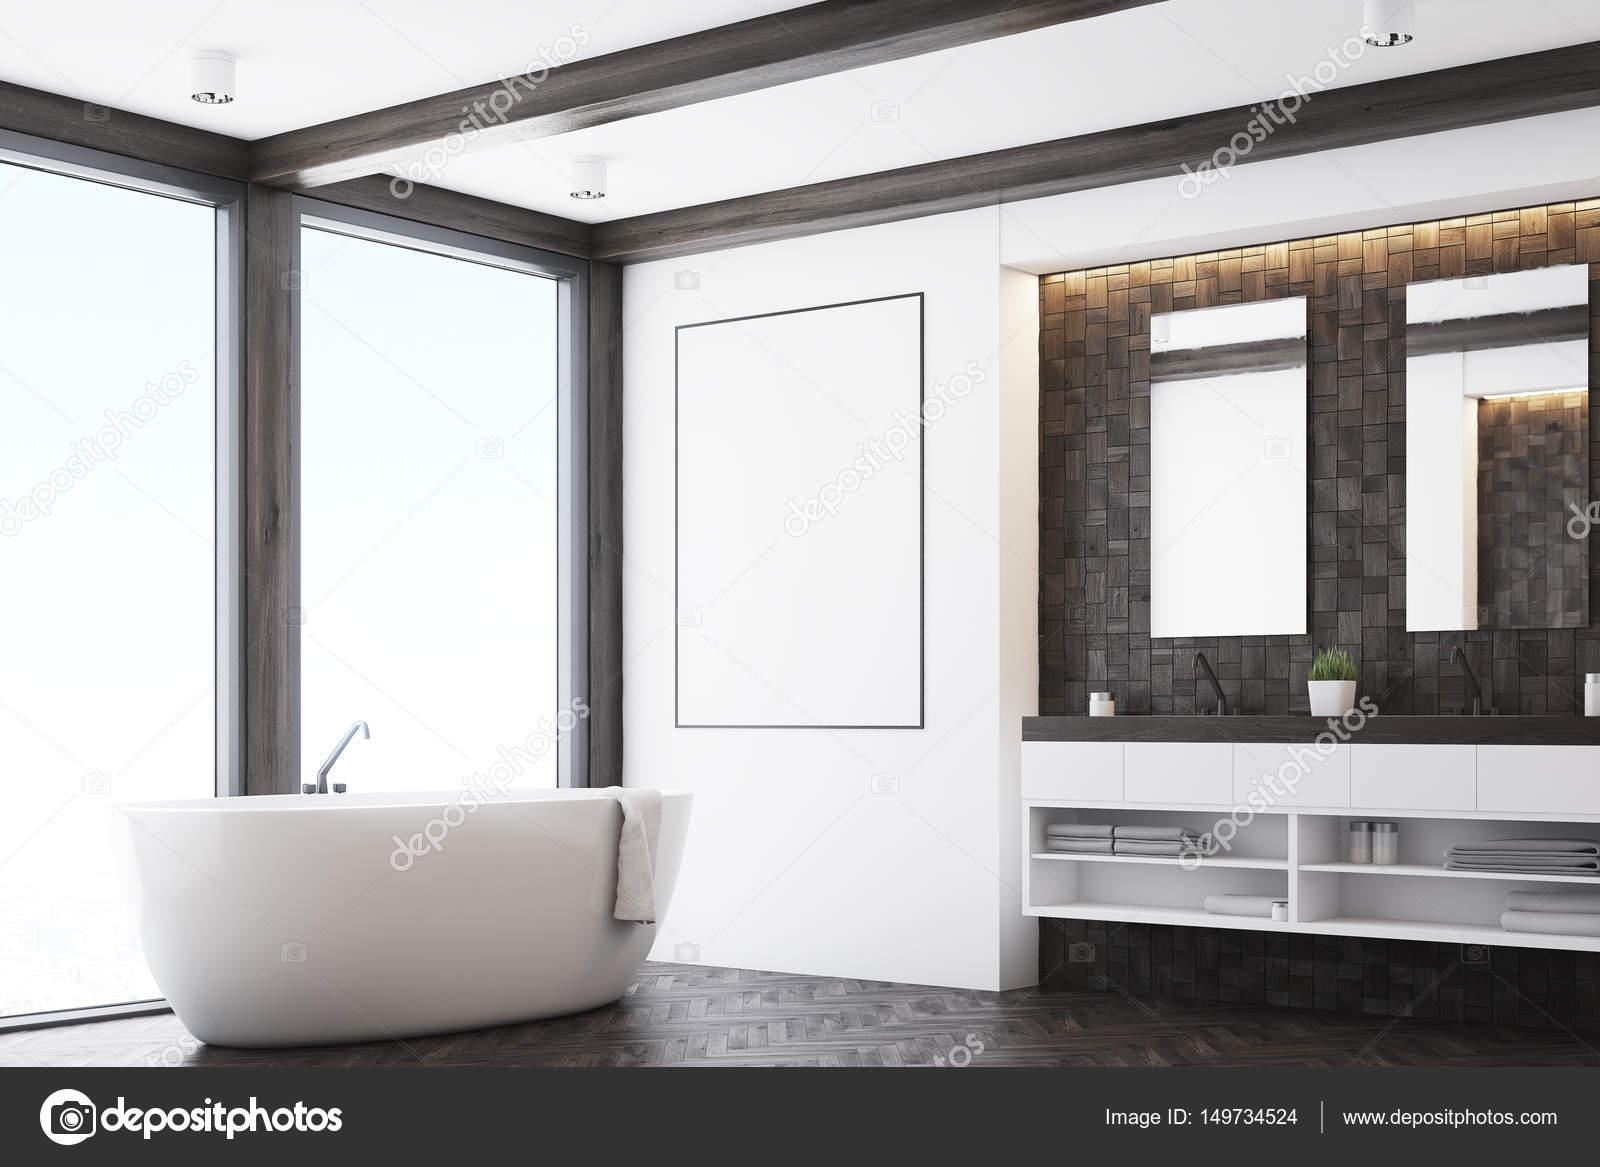 https://st3.depositphotos.com/2673929/14973/i/1600/depositphotos_149734524-stockafbeelding-donkere-tegels-badkamer-poster-hoek.jpg